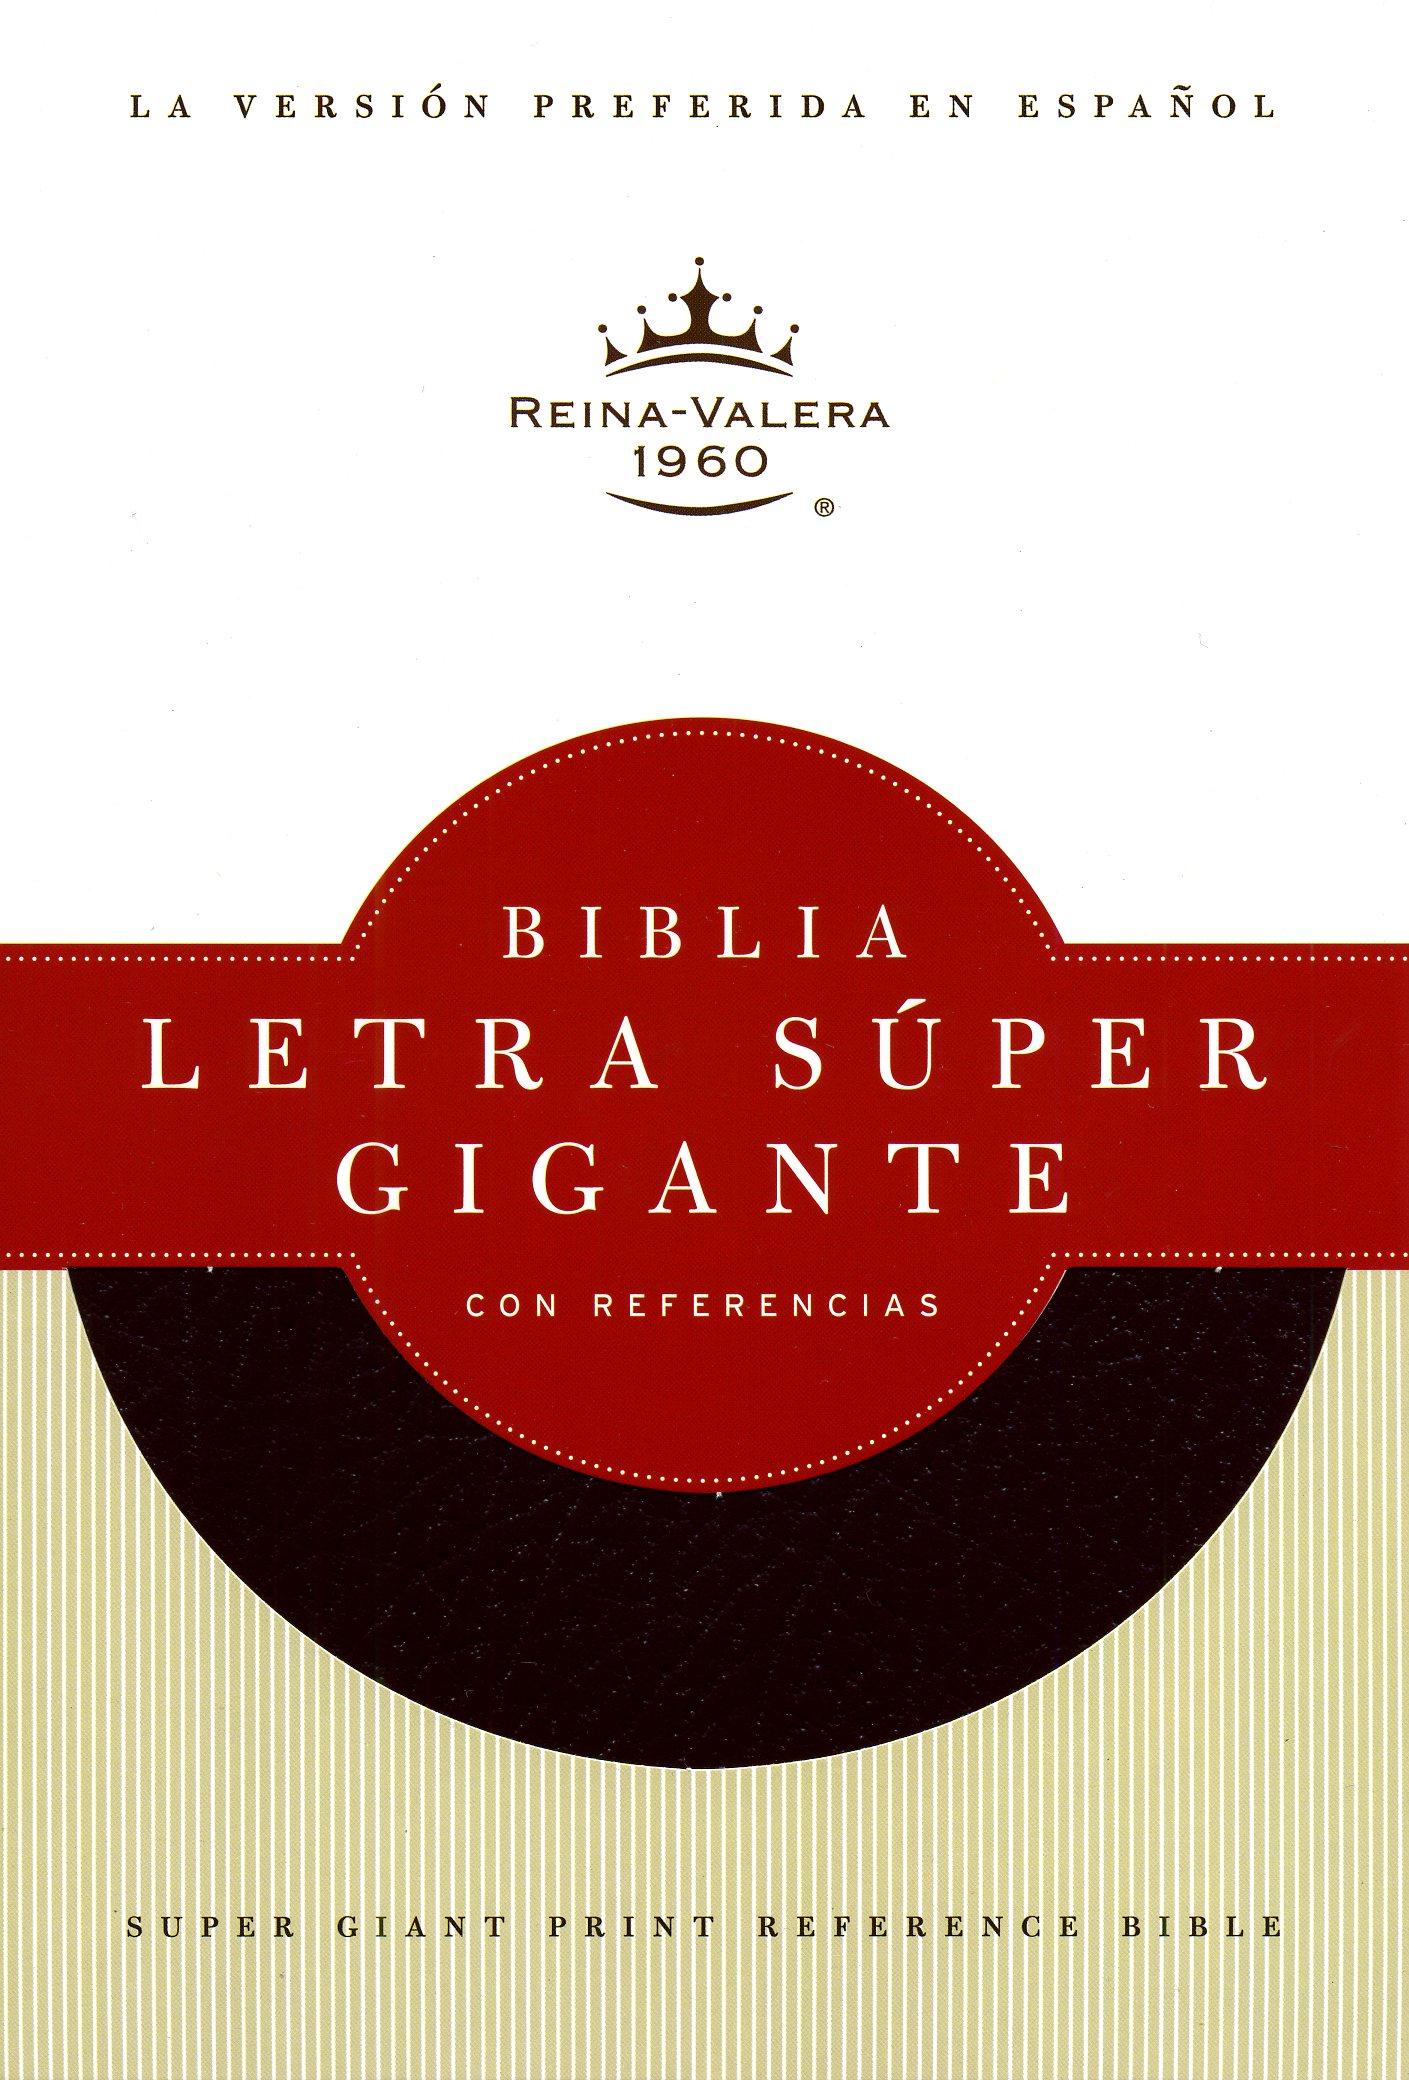 Biblia Reina Valera 1960 letra S�per Gigante con Referencias, negro imitaci�n piel negro de B&H Espanol